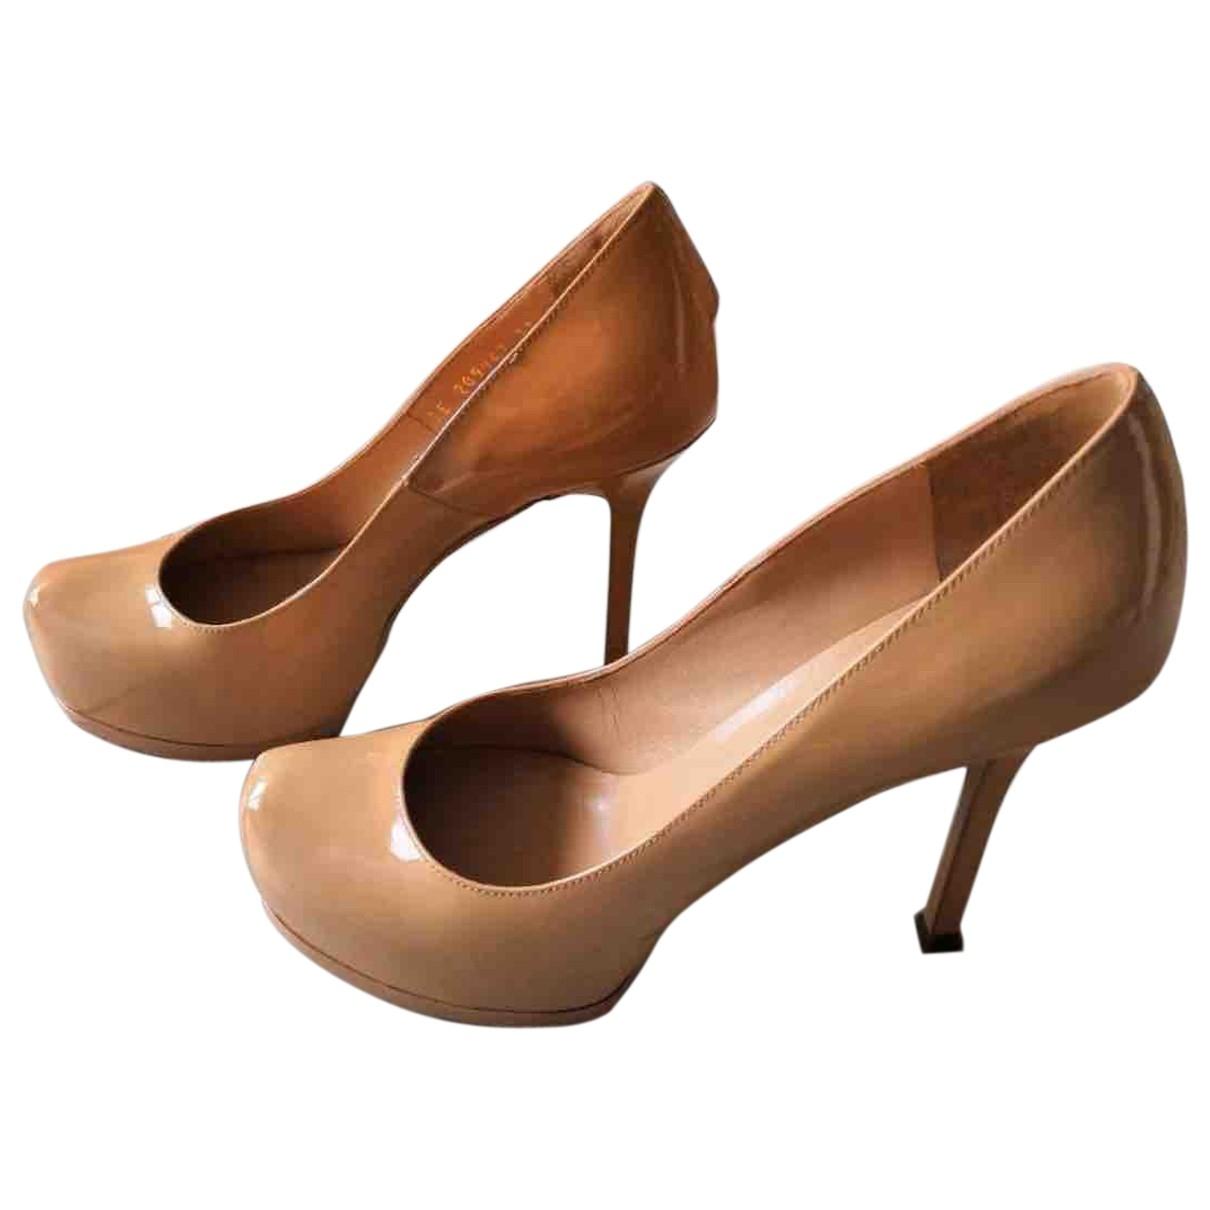 Yves Saint Laurent - Escarpins Trib Too pour femme en cuir verni - beige